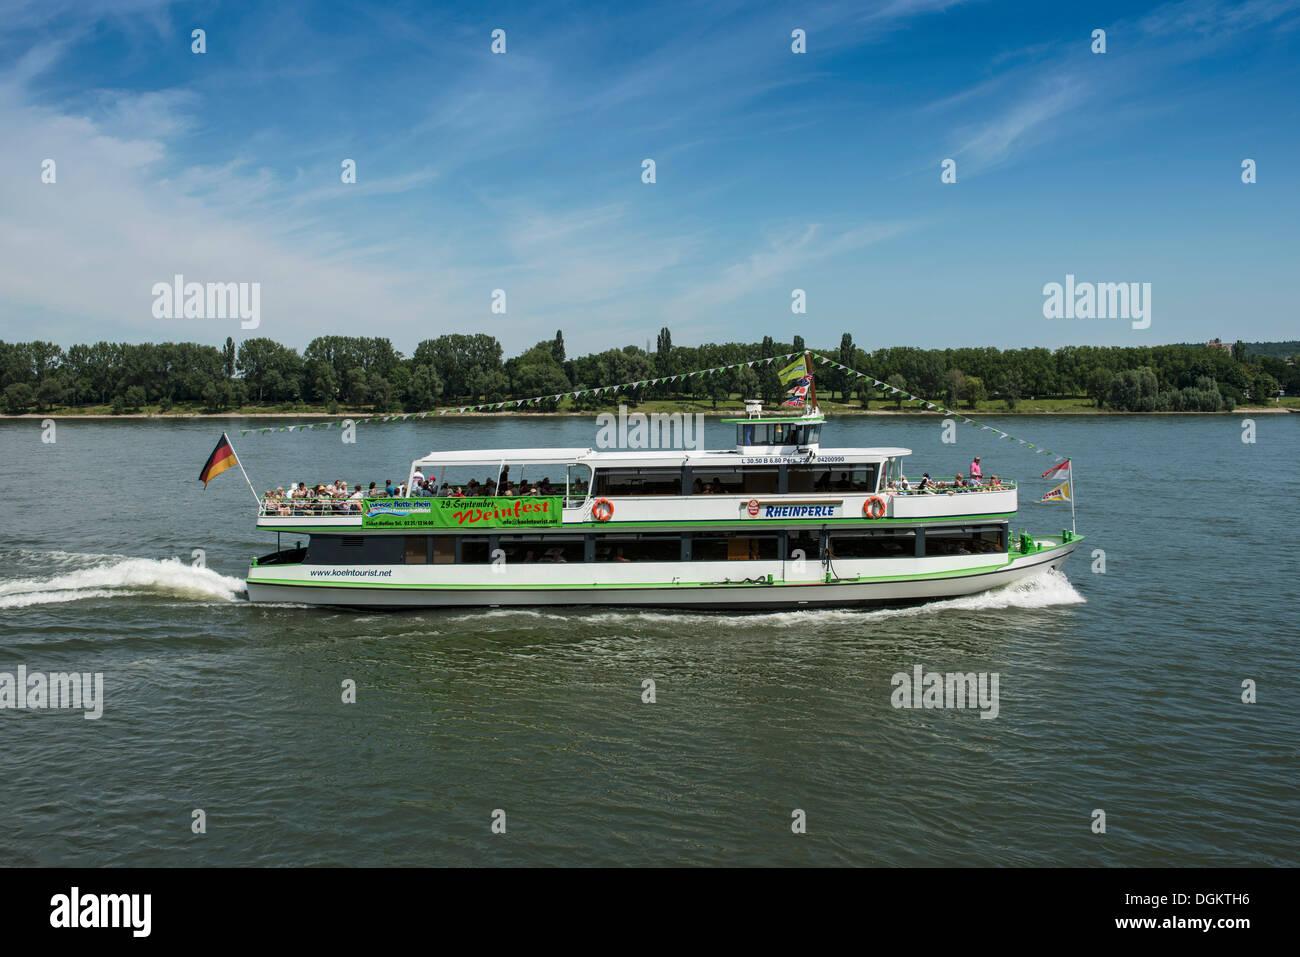 Rheinperle, einem überfüllten Ausflugsschiff von Koelntourist Personenschiffahrt bin Dom GmbH Reederei Reisen auf dem Rhein Stockbild